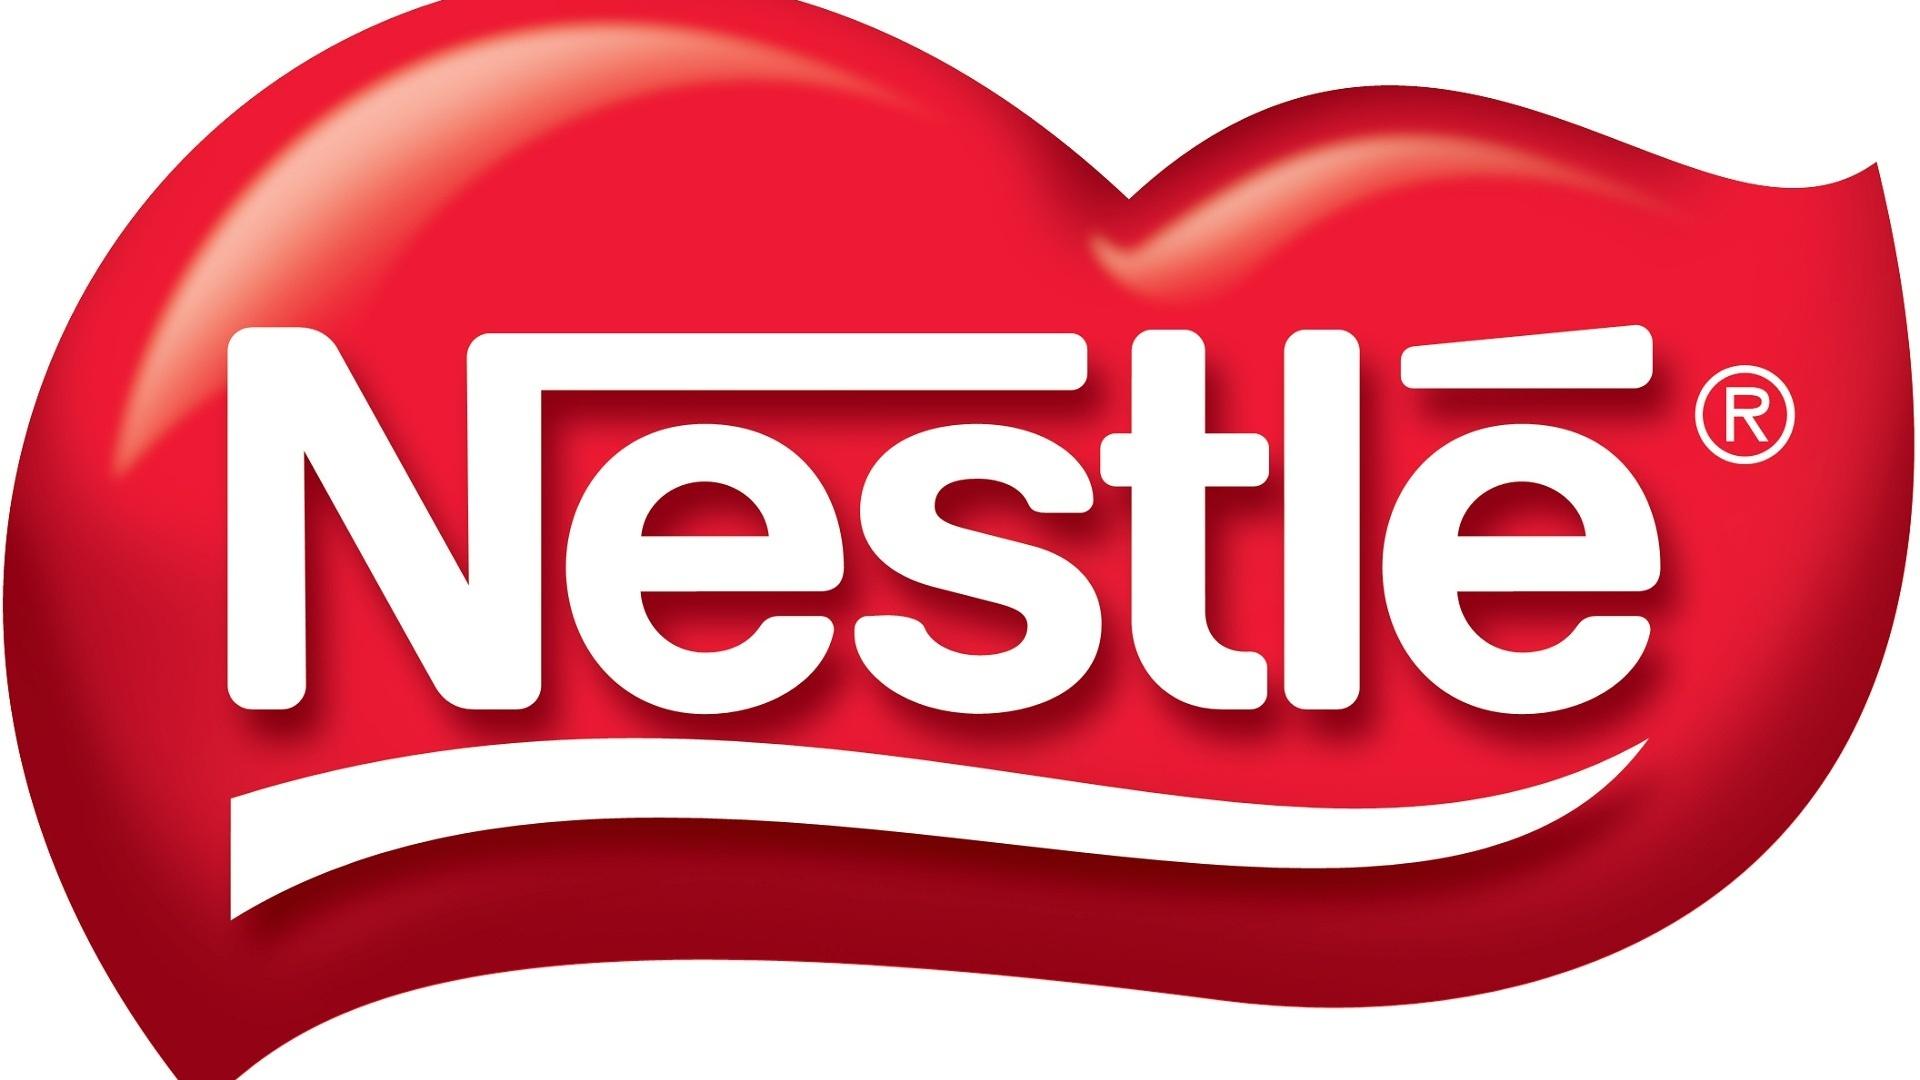 Nestle Wallpaper 7   1920 X 1080 stmednet 1920x1080